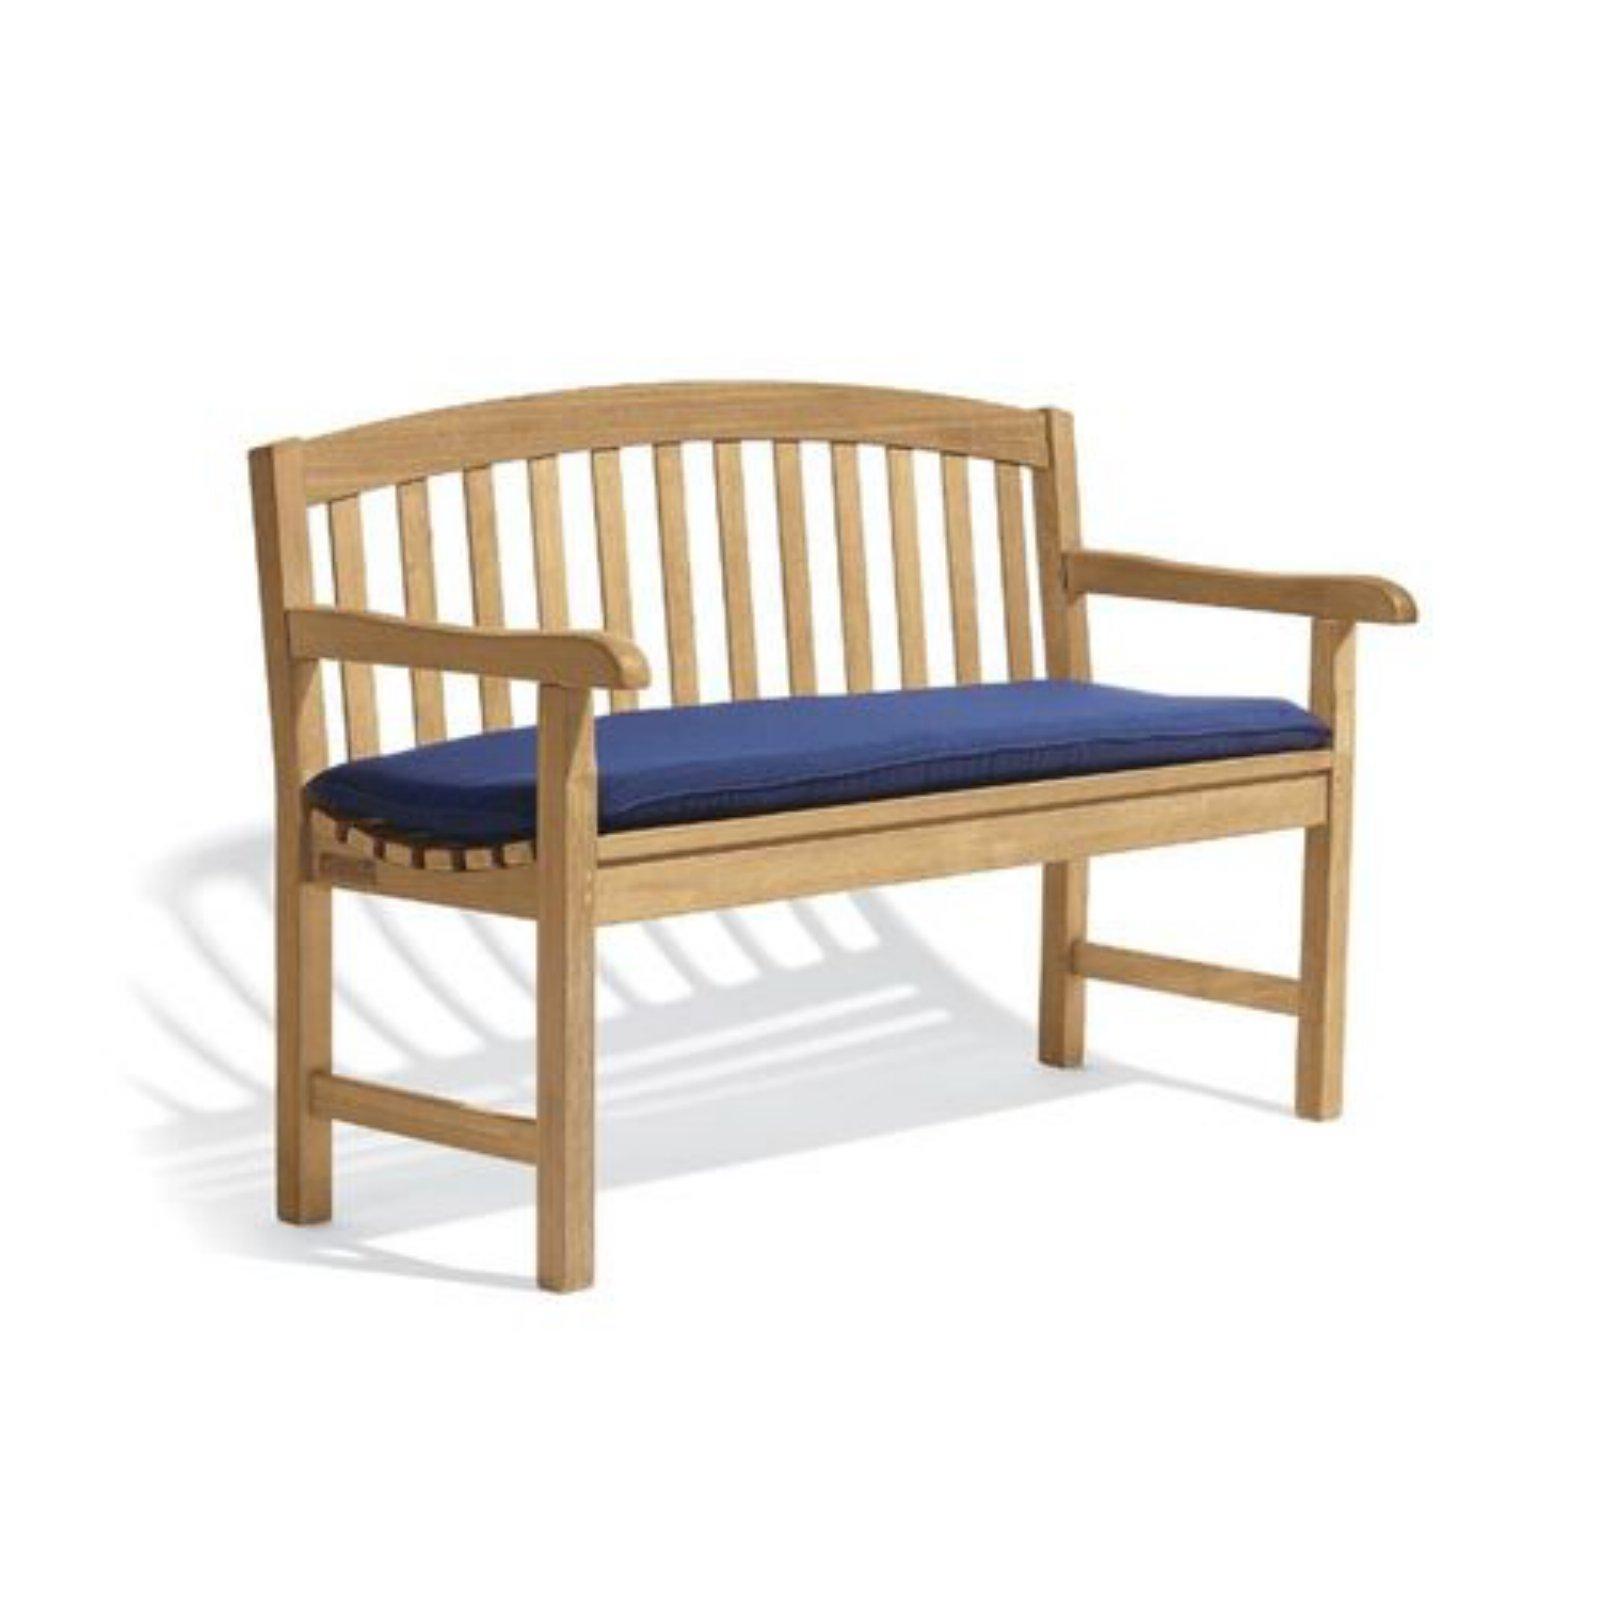 Oxford Garden Sunbrella Bench Cushion